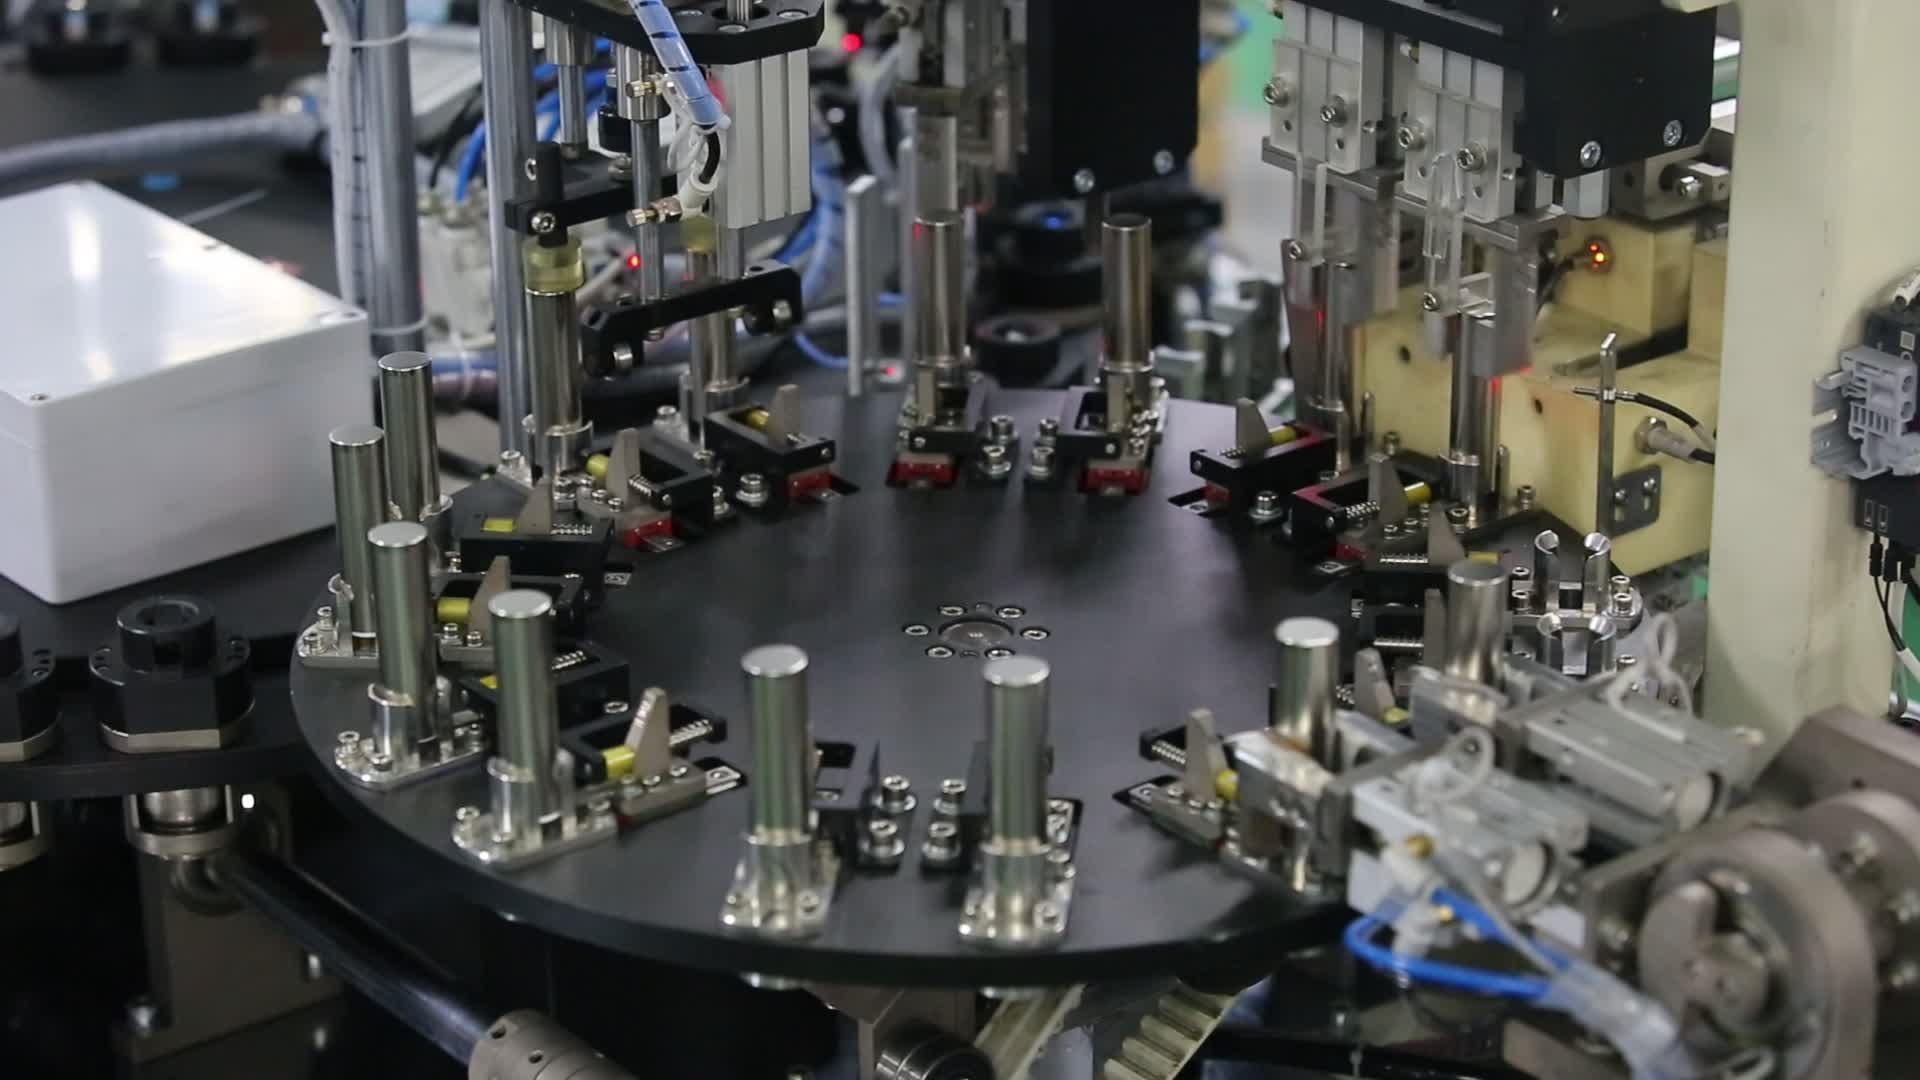 프로모션 높은 방전 3C 2500Mah 3.7 볼트 리튬 이온 배터리 18650 배터리 대량 E 자전거 또는 전기 스쿠터